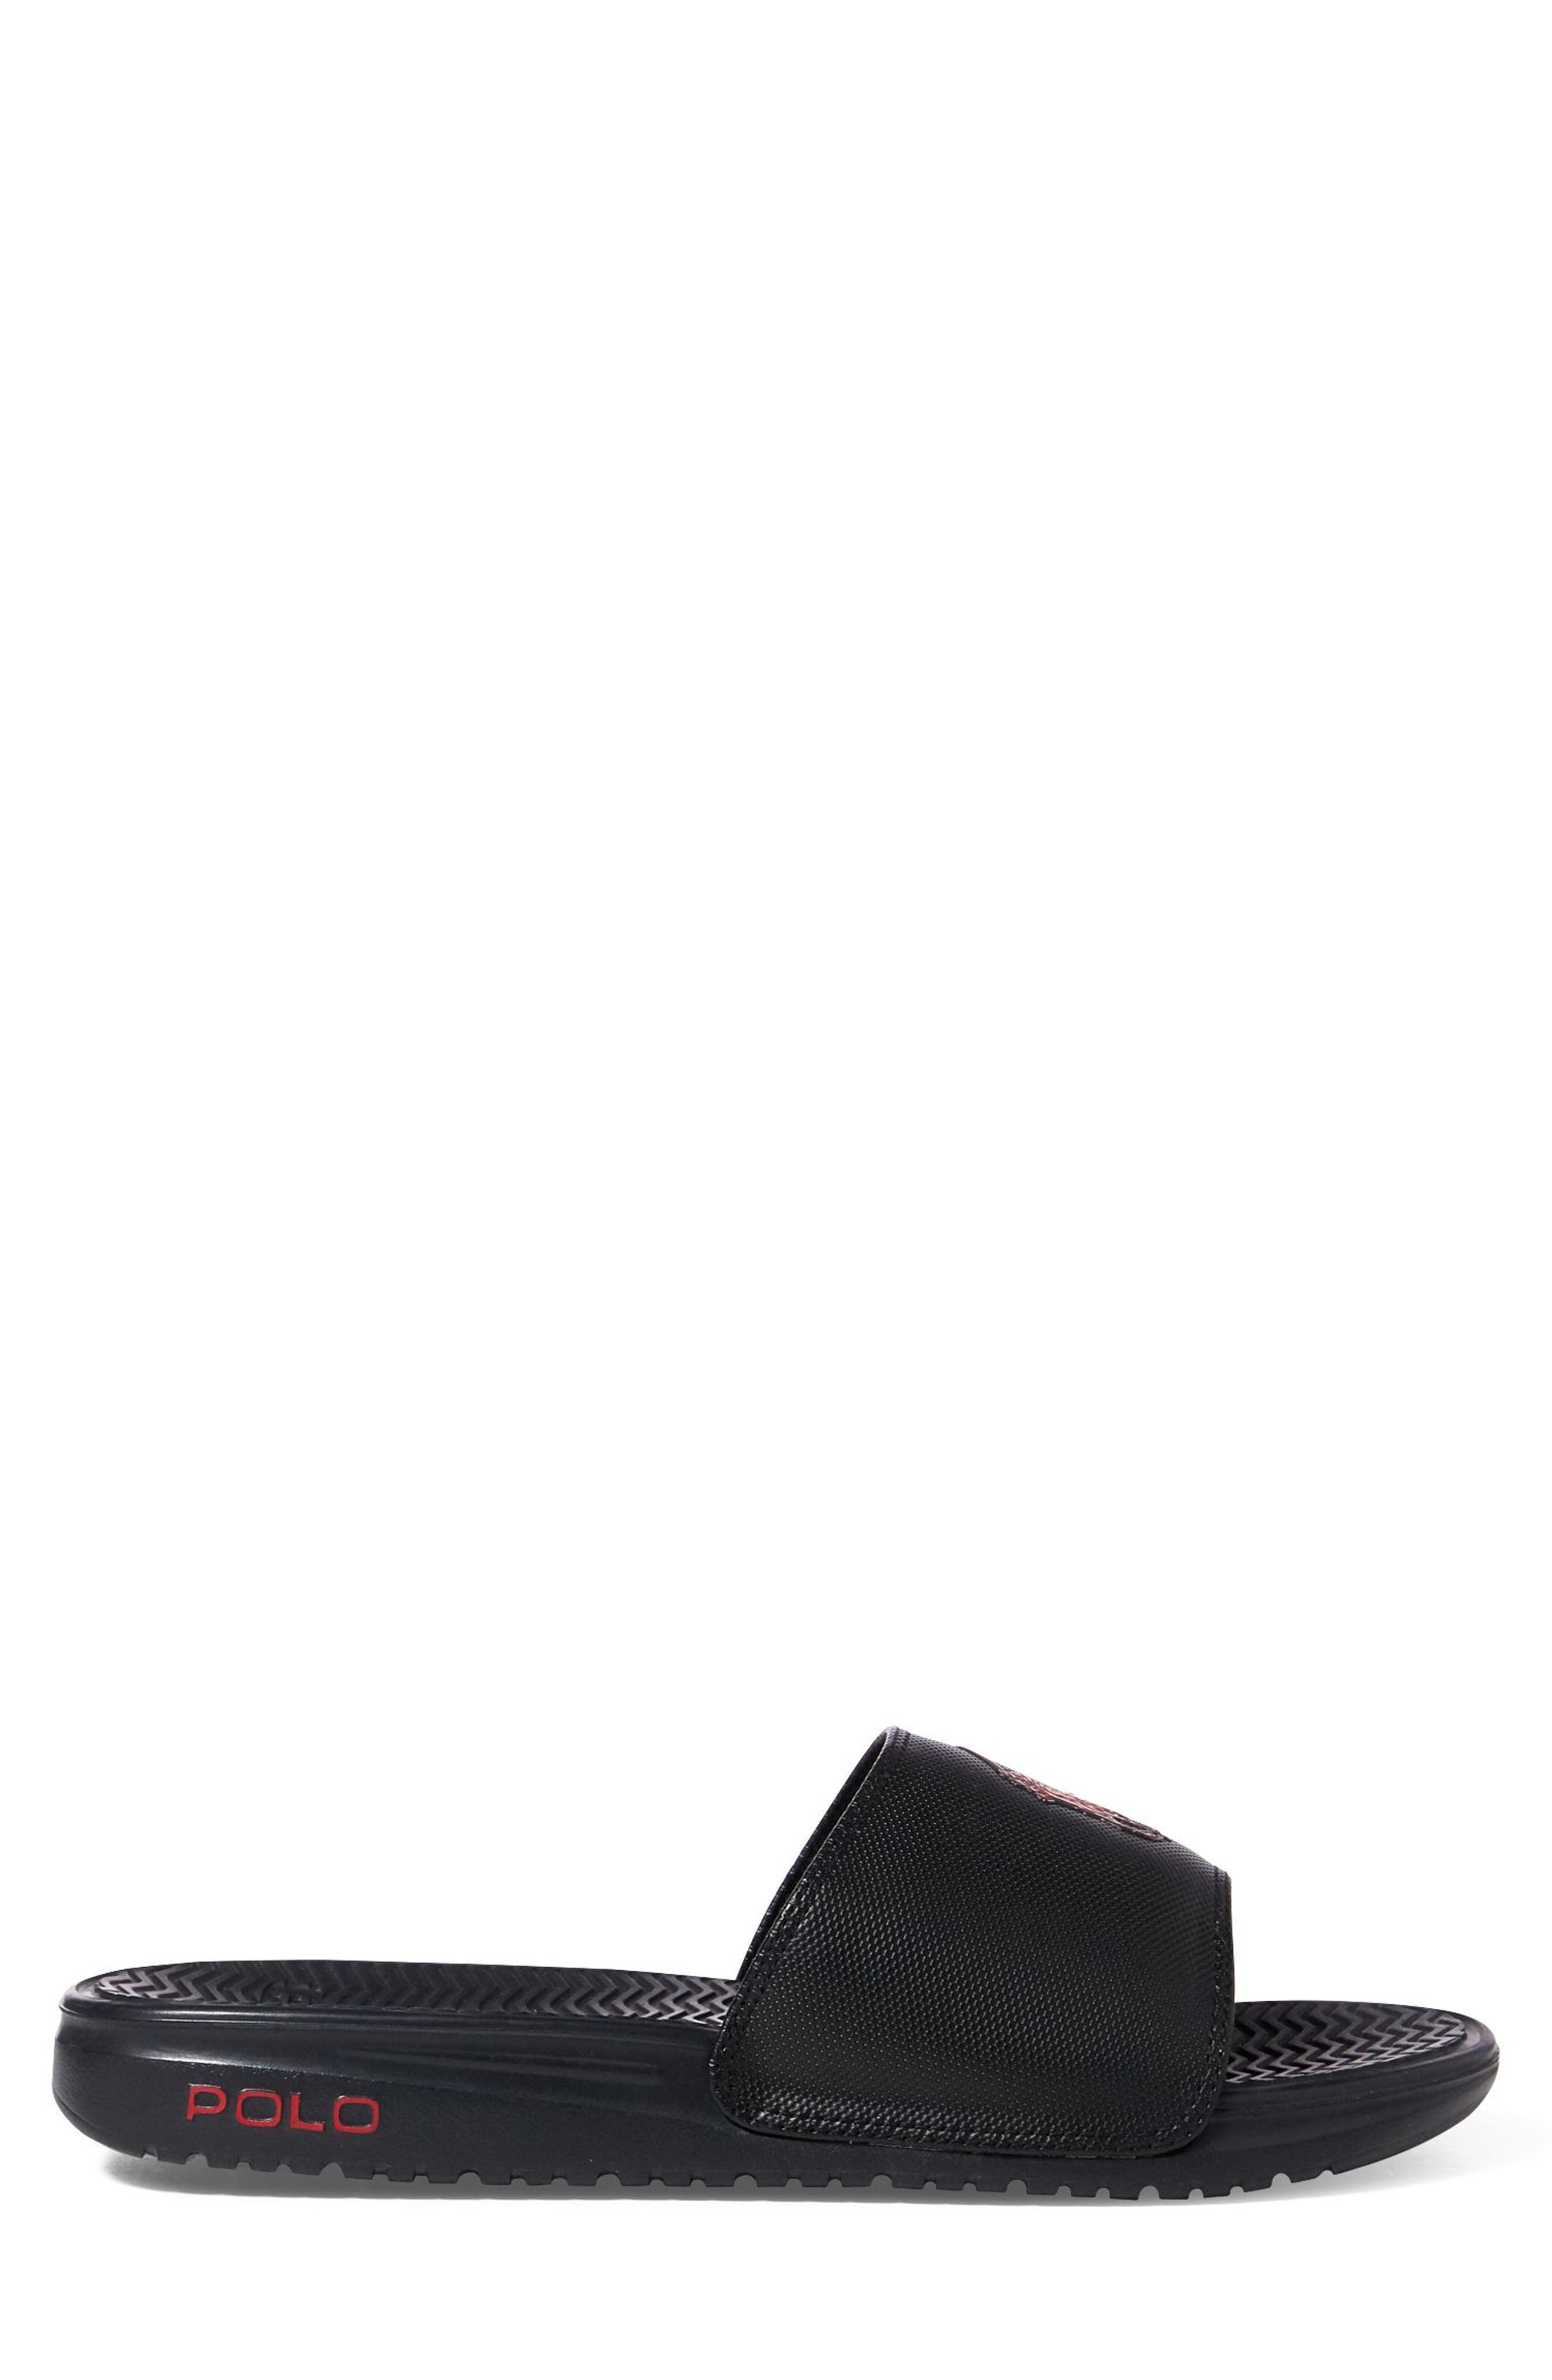 fd061194e1a2 Polo Ralph Lauren - Blue Rodwell Slide Sandal for Men - Lyst. View  fullscreen